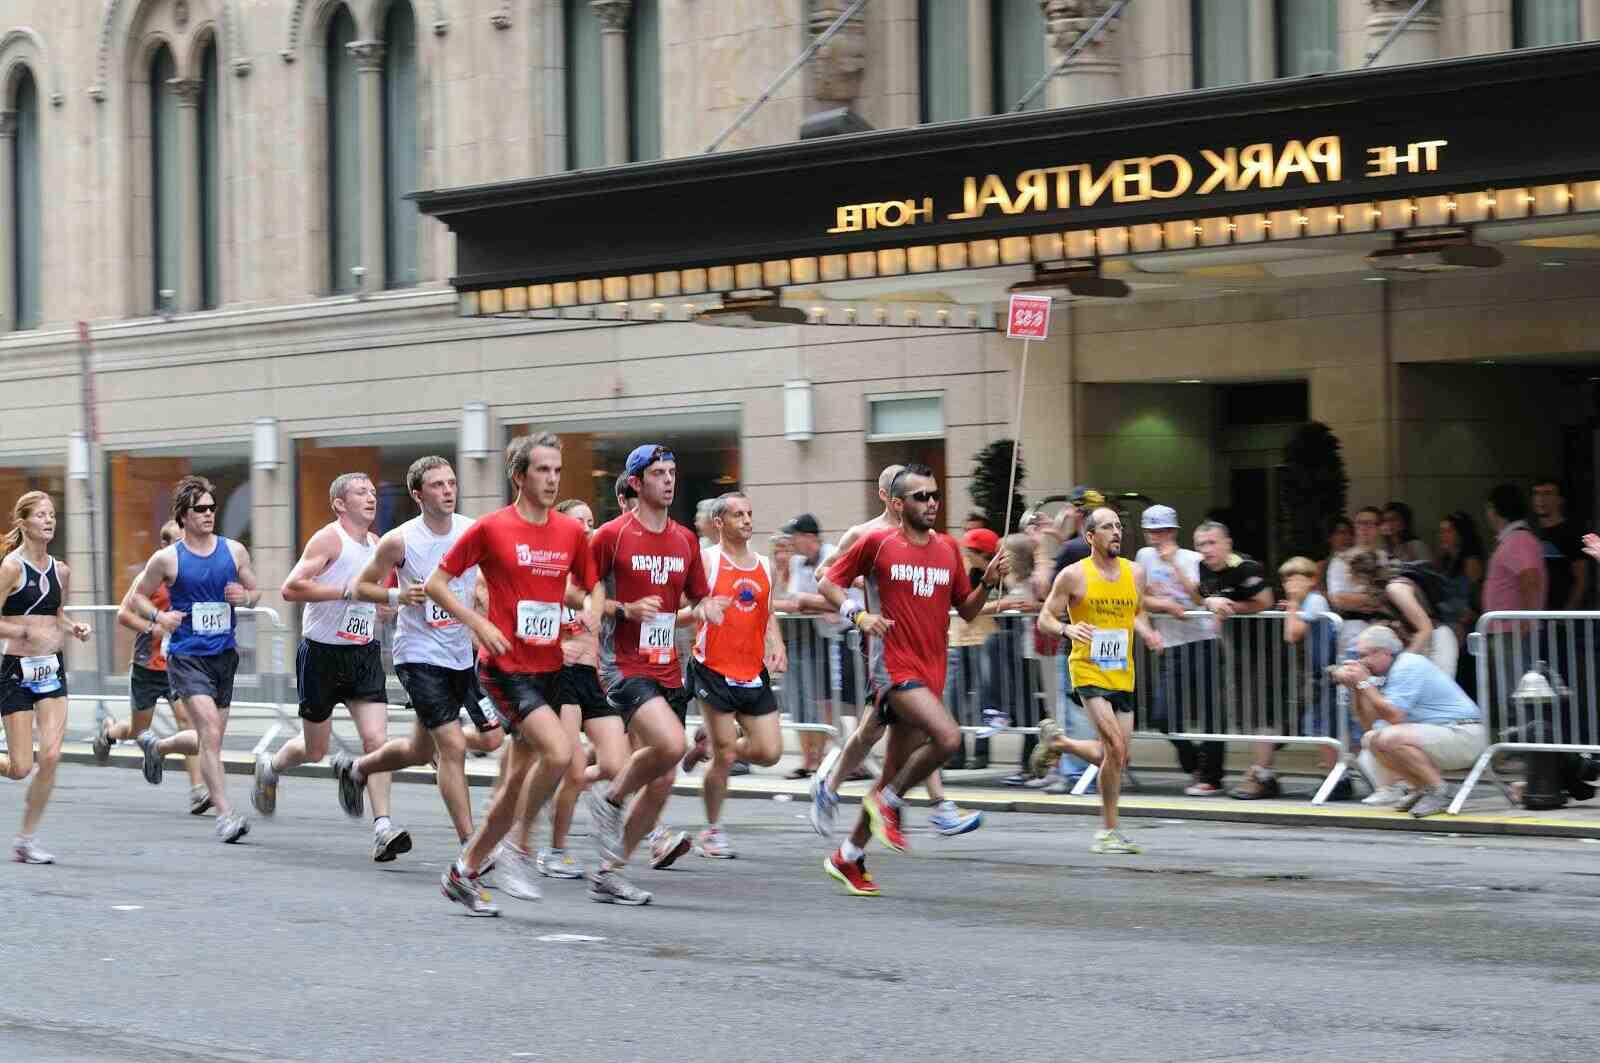 Quelle est la distance du Semi-marathon ?